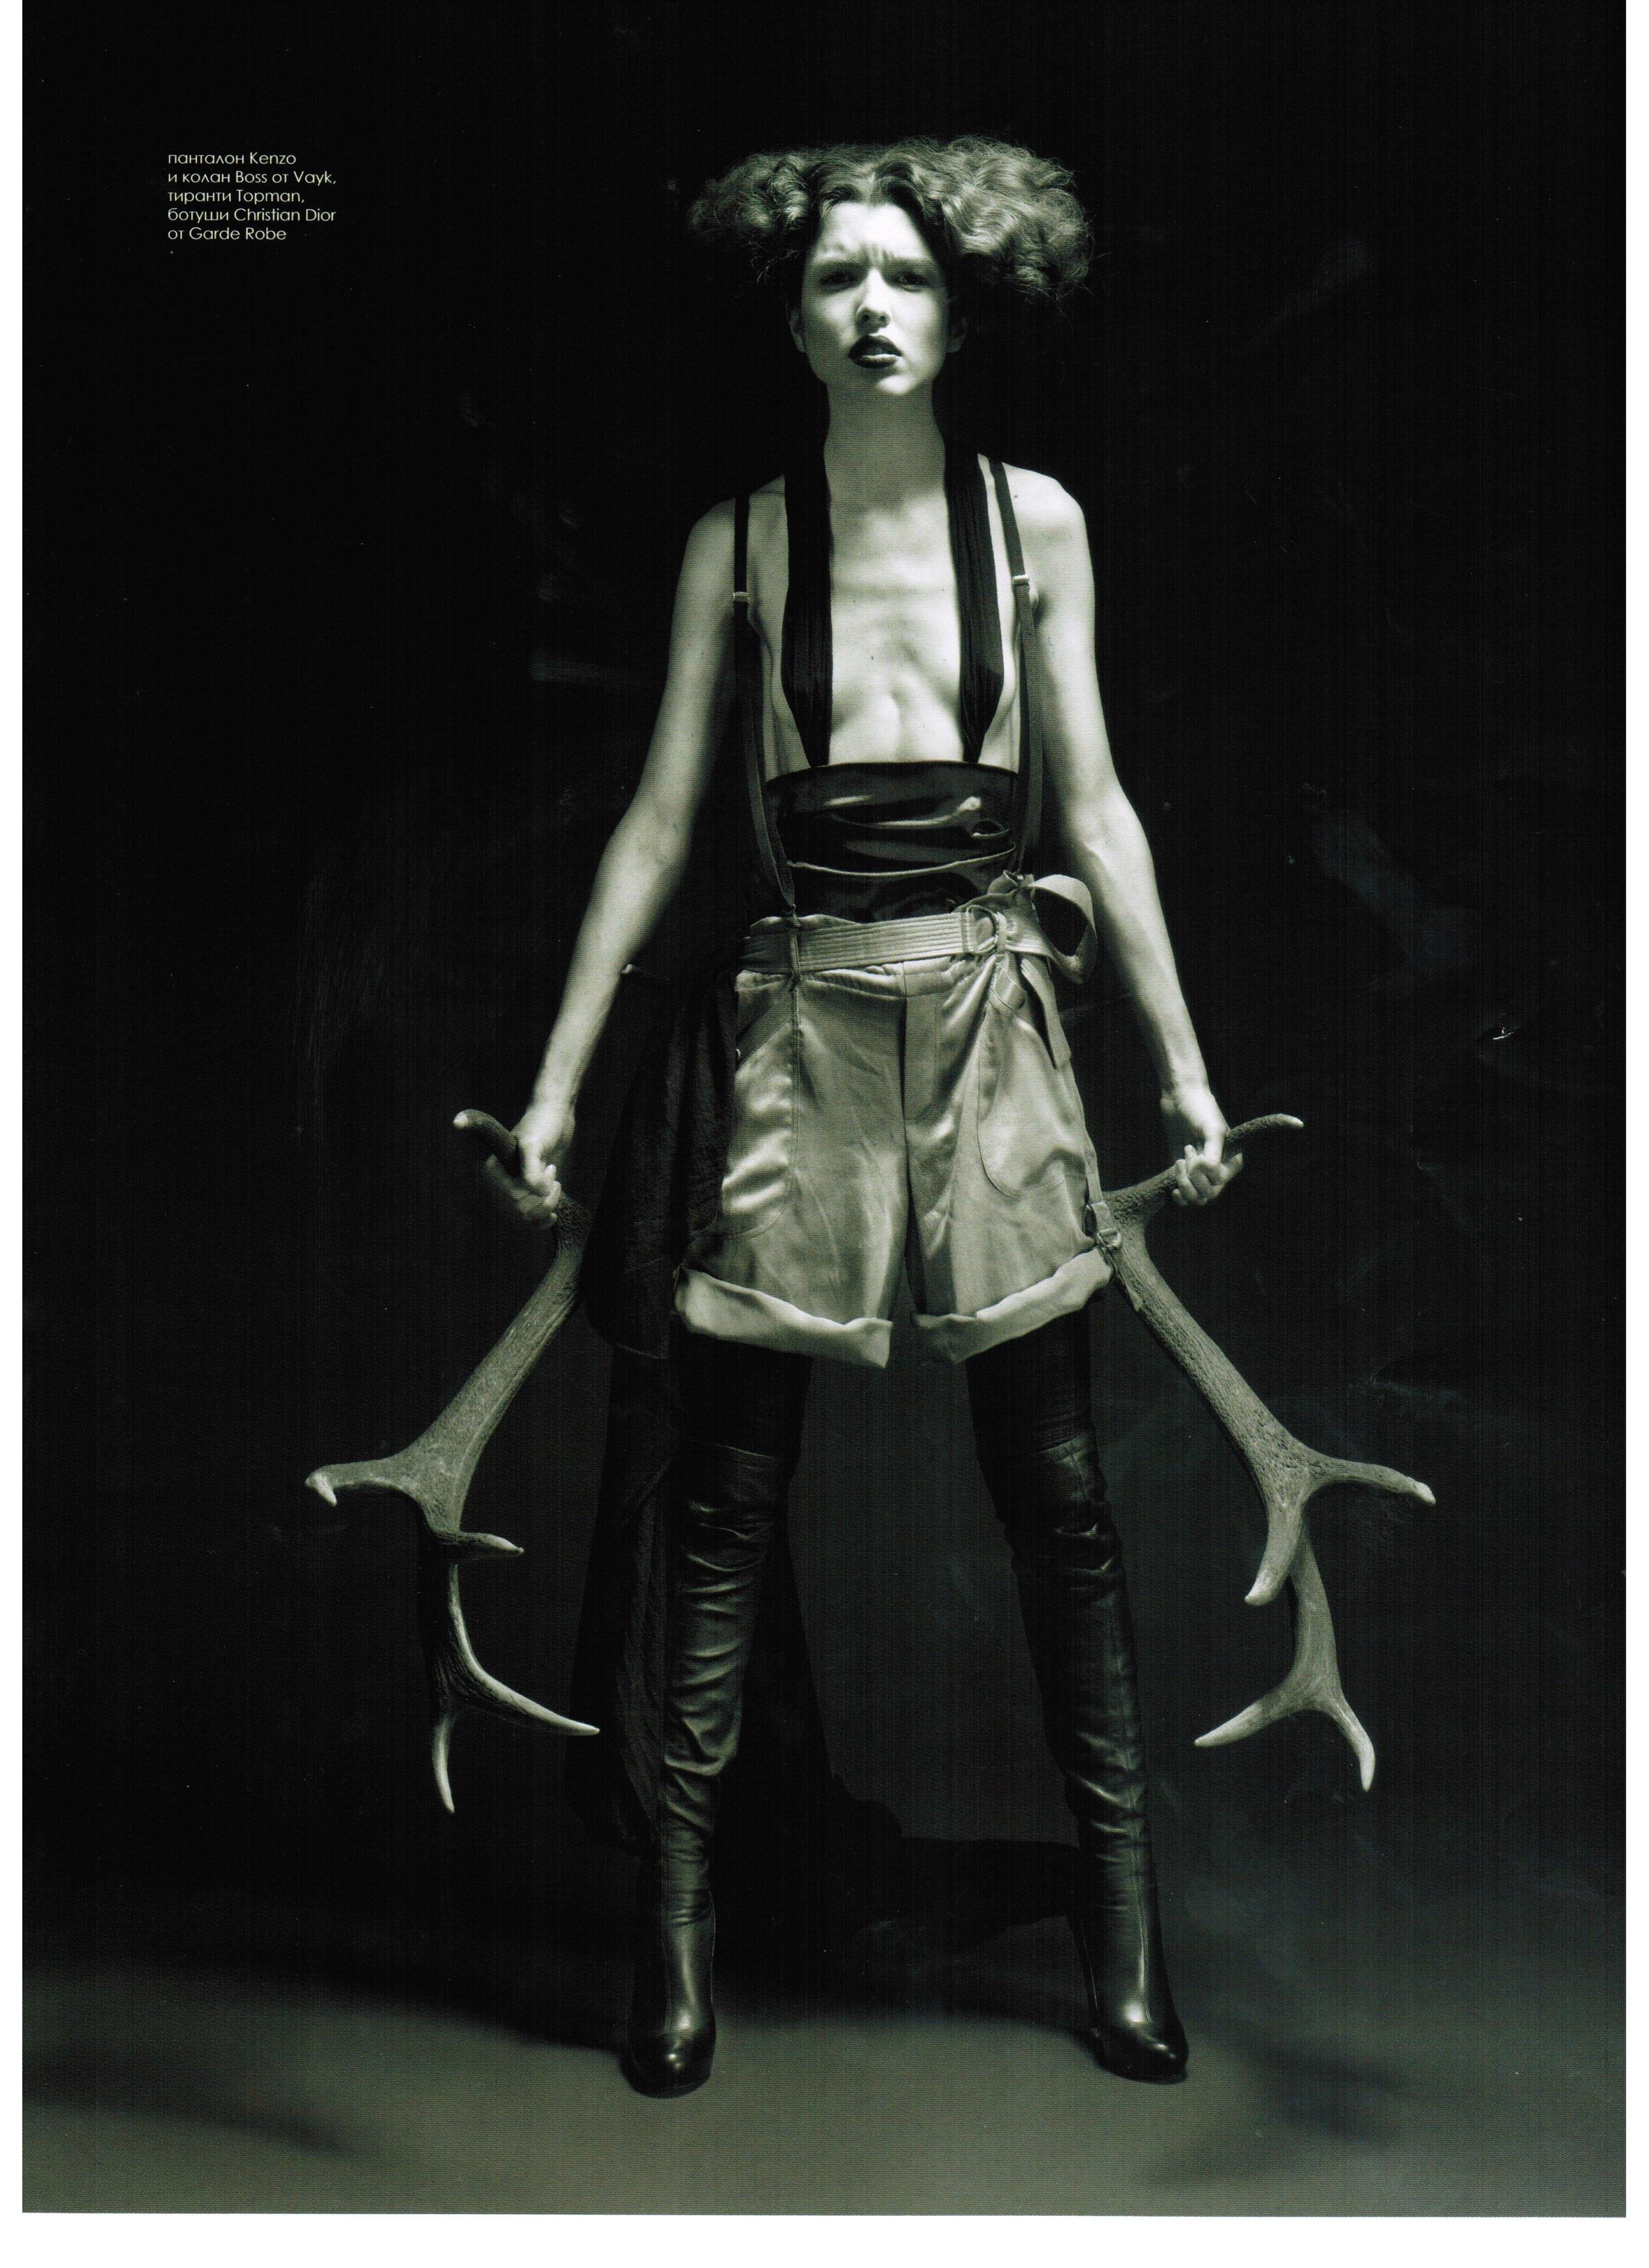 MODA magazine 2010 1.jpg